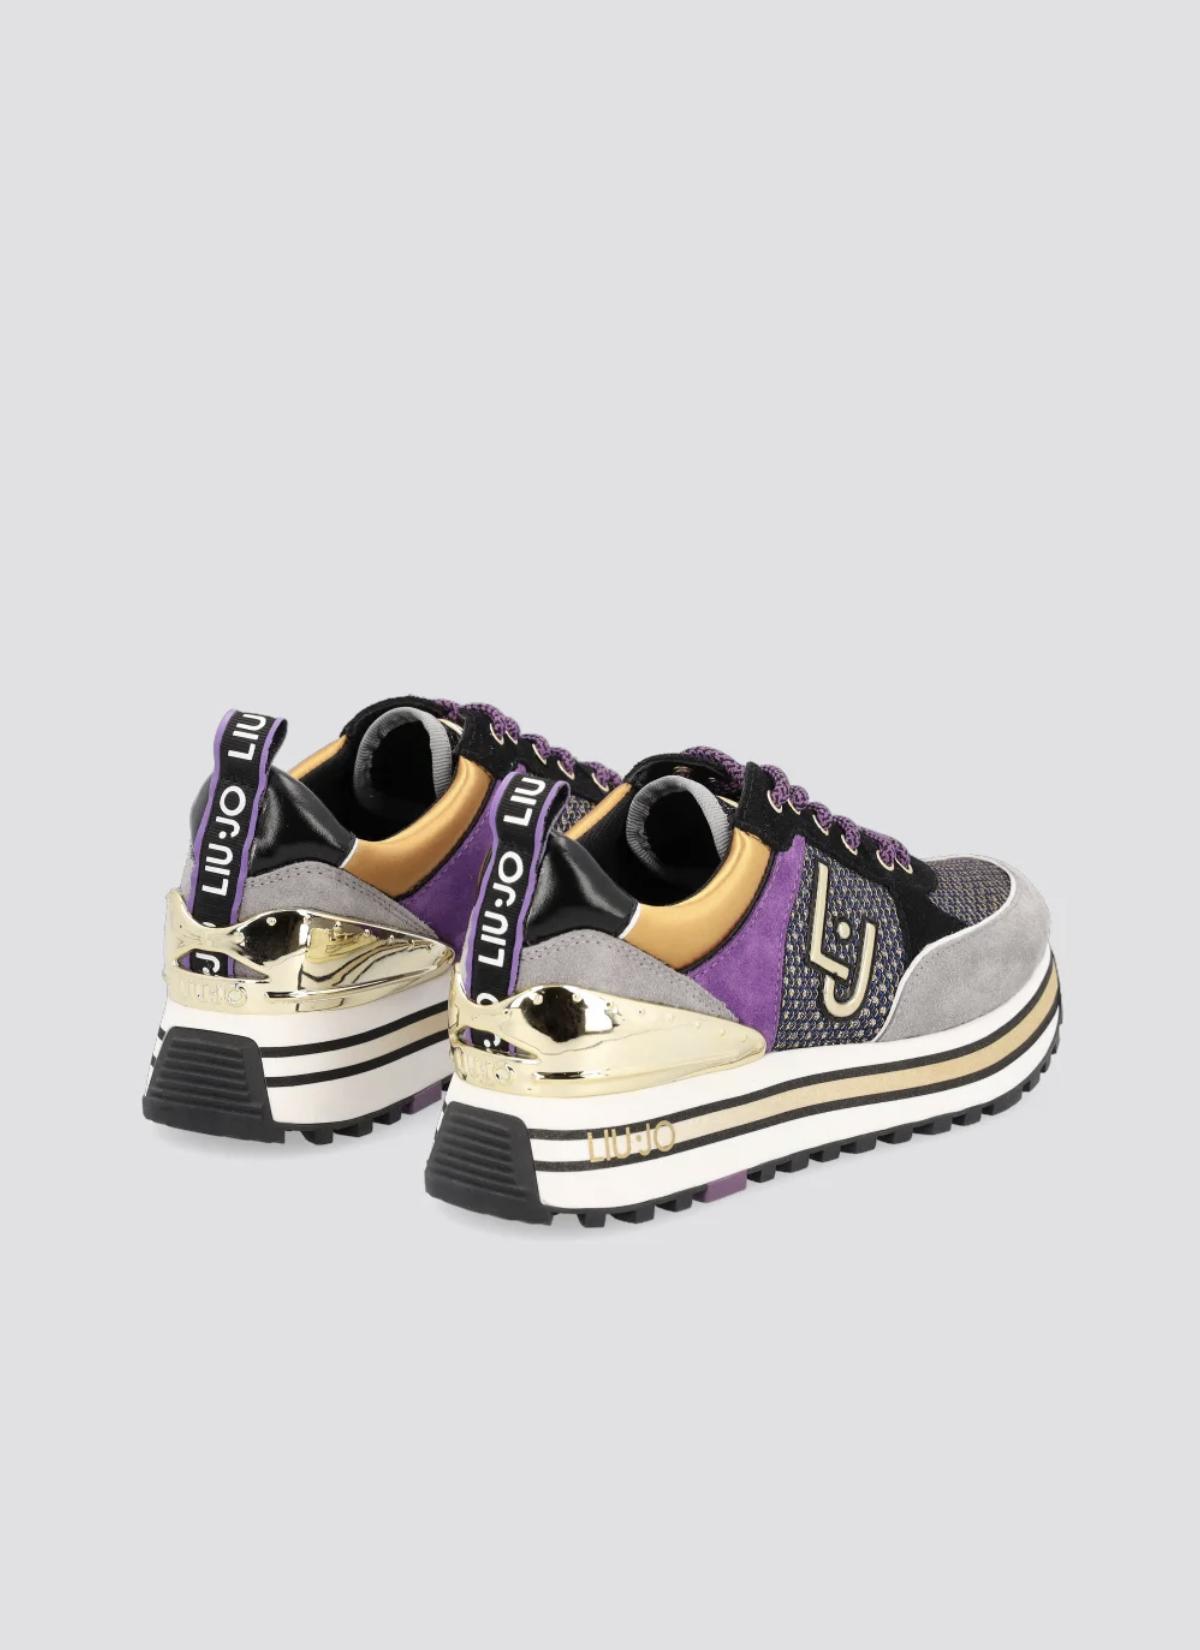 LUIJO sneaker 👟 maxi wonder grijs zwart paars